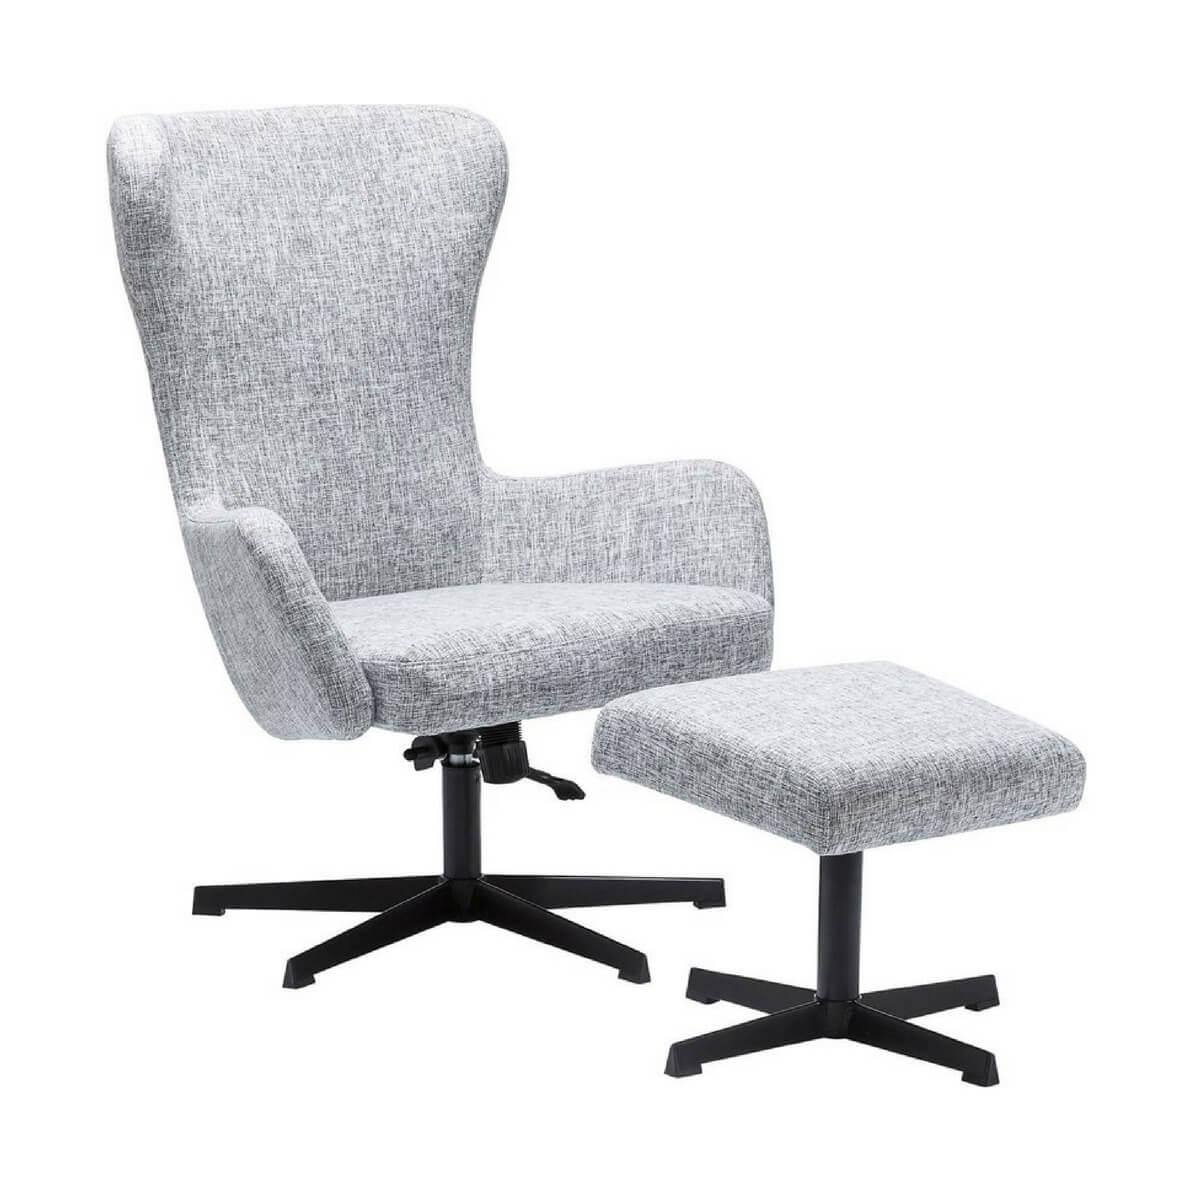 dbfd5620478 Lænestole - Gratis Fragt på Din næste Lænestol. Kig ind :) side 8/8